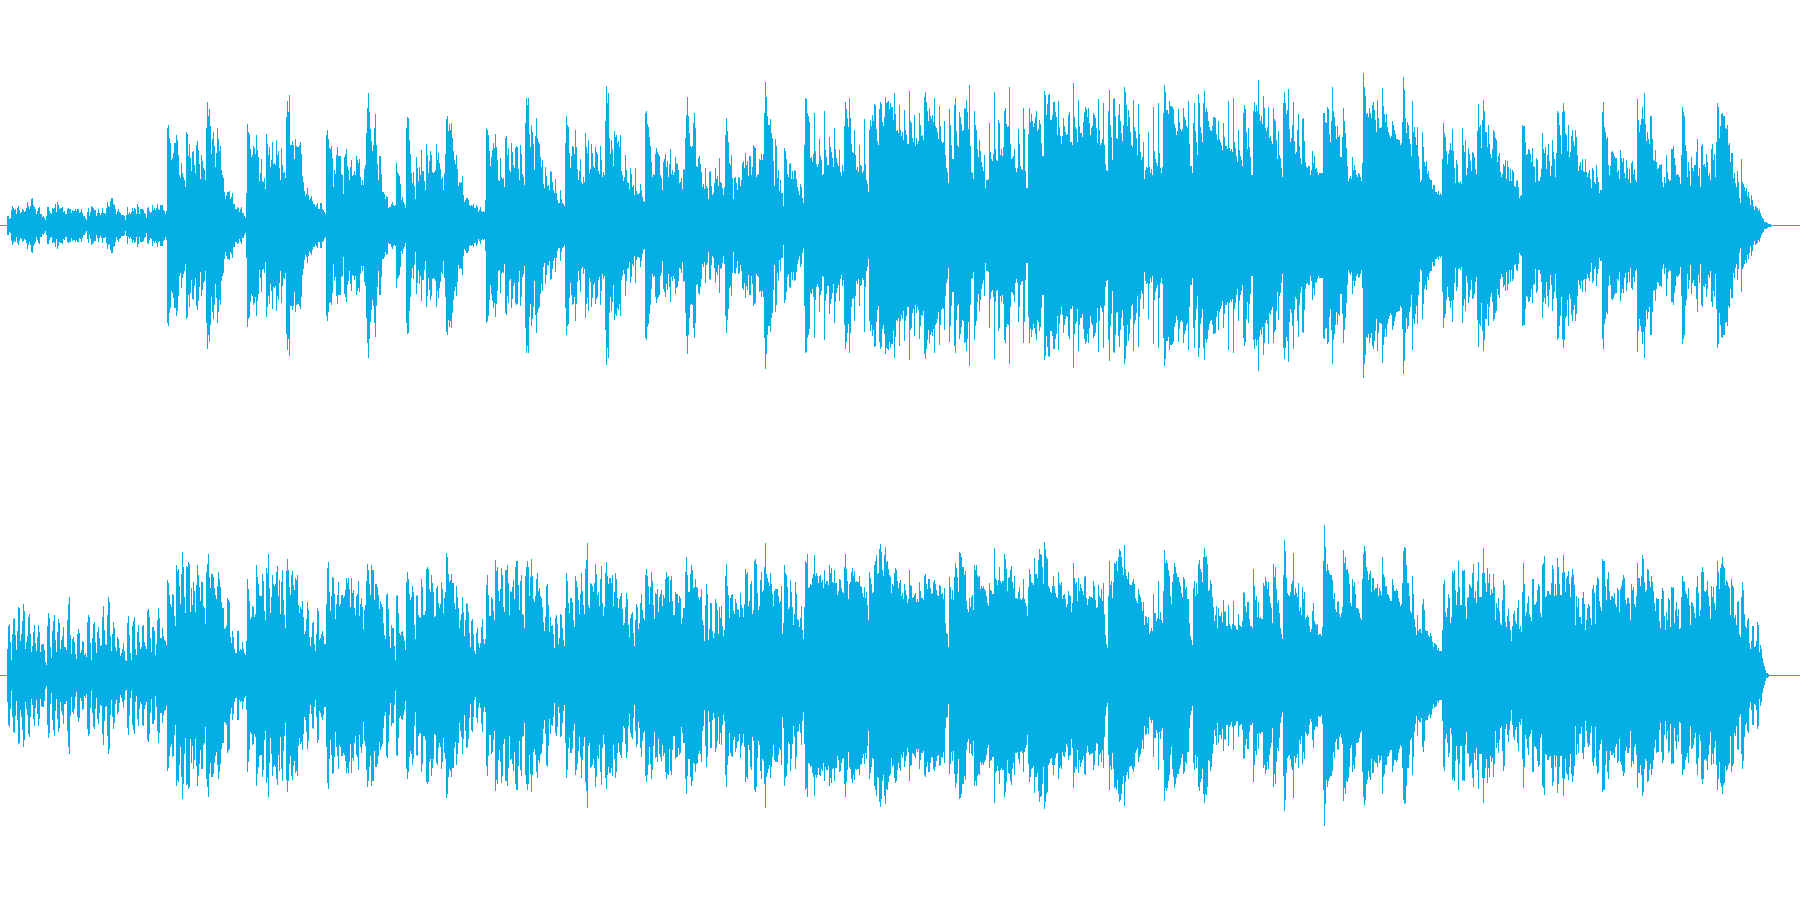 神秘的な雰囲気漂うスローテンポな曲の再生済みの波形